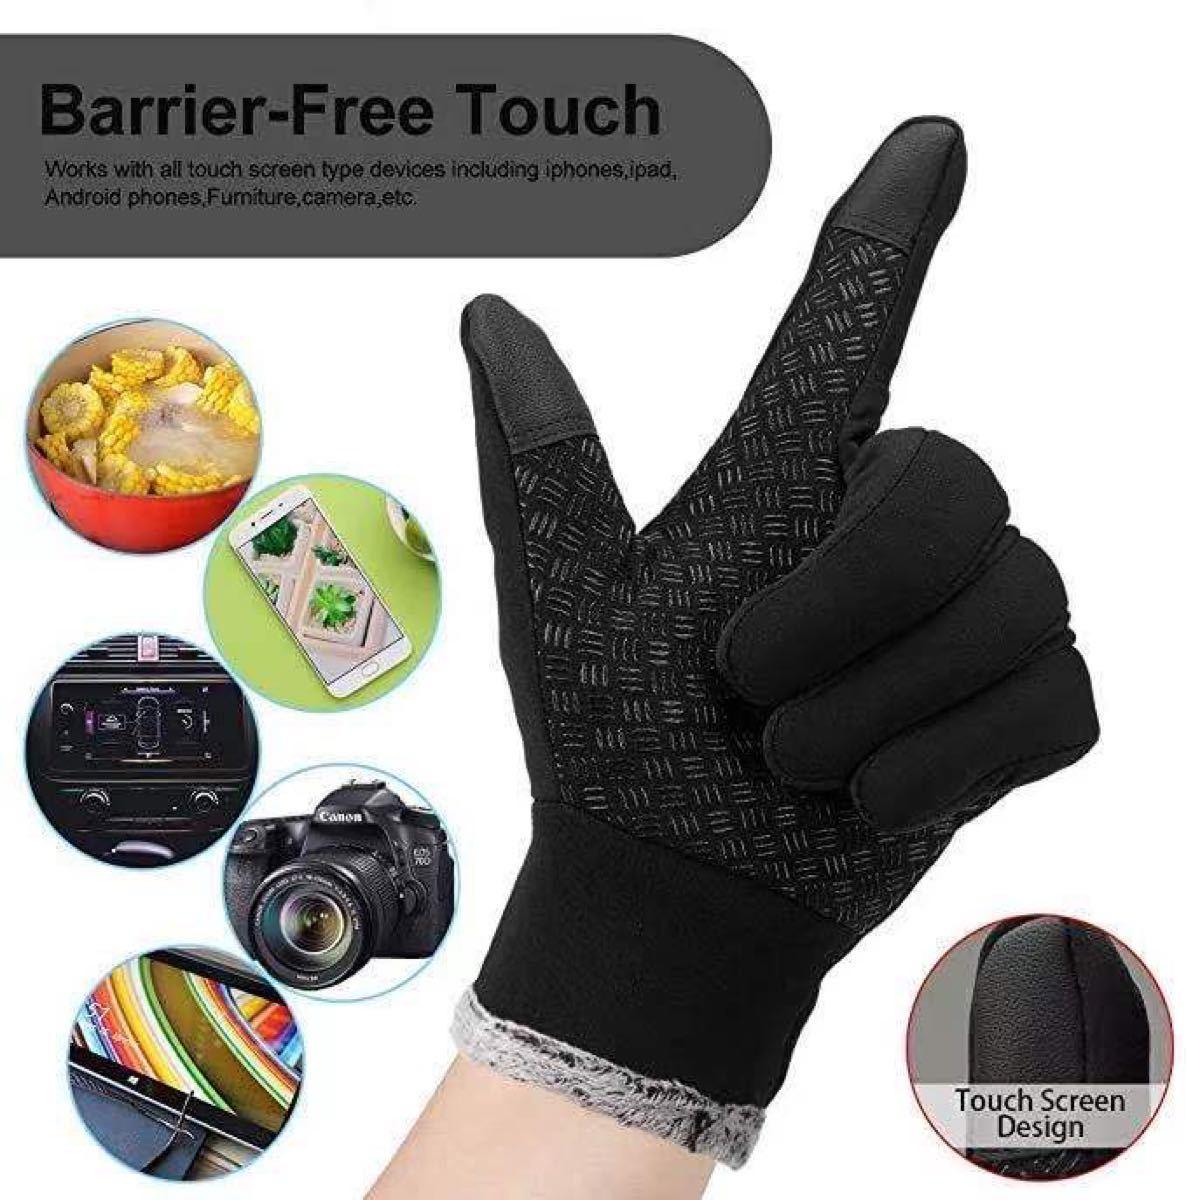 アウトドアグローブ 手袋 防寒グローブ メンズ レディース 裏起毛 保温 厚手